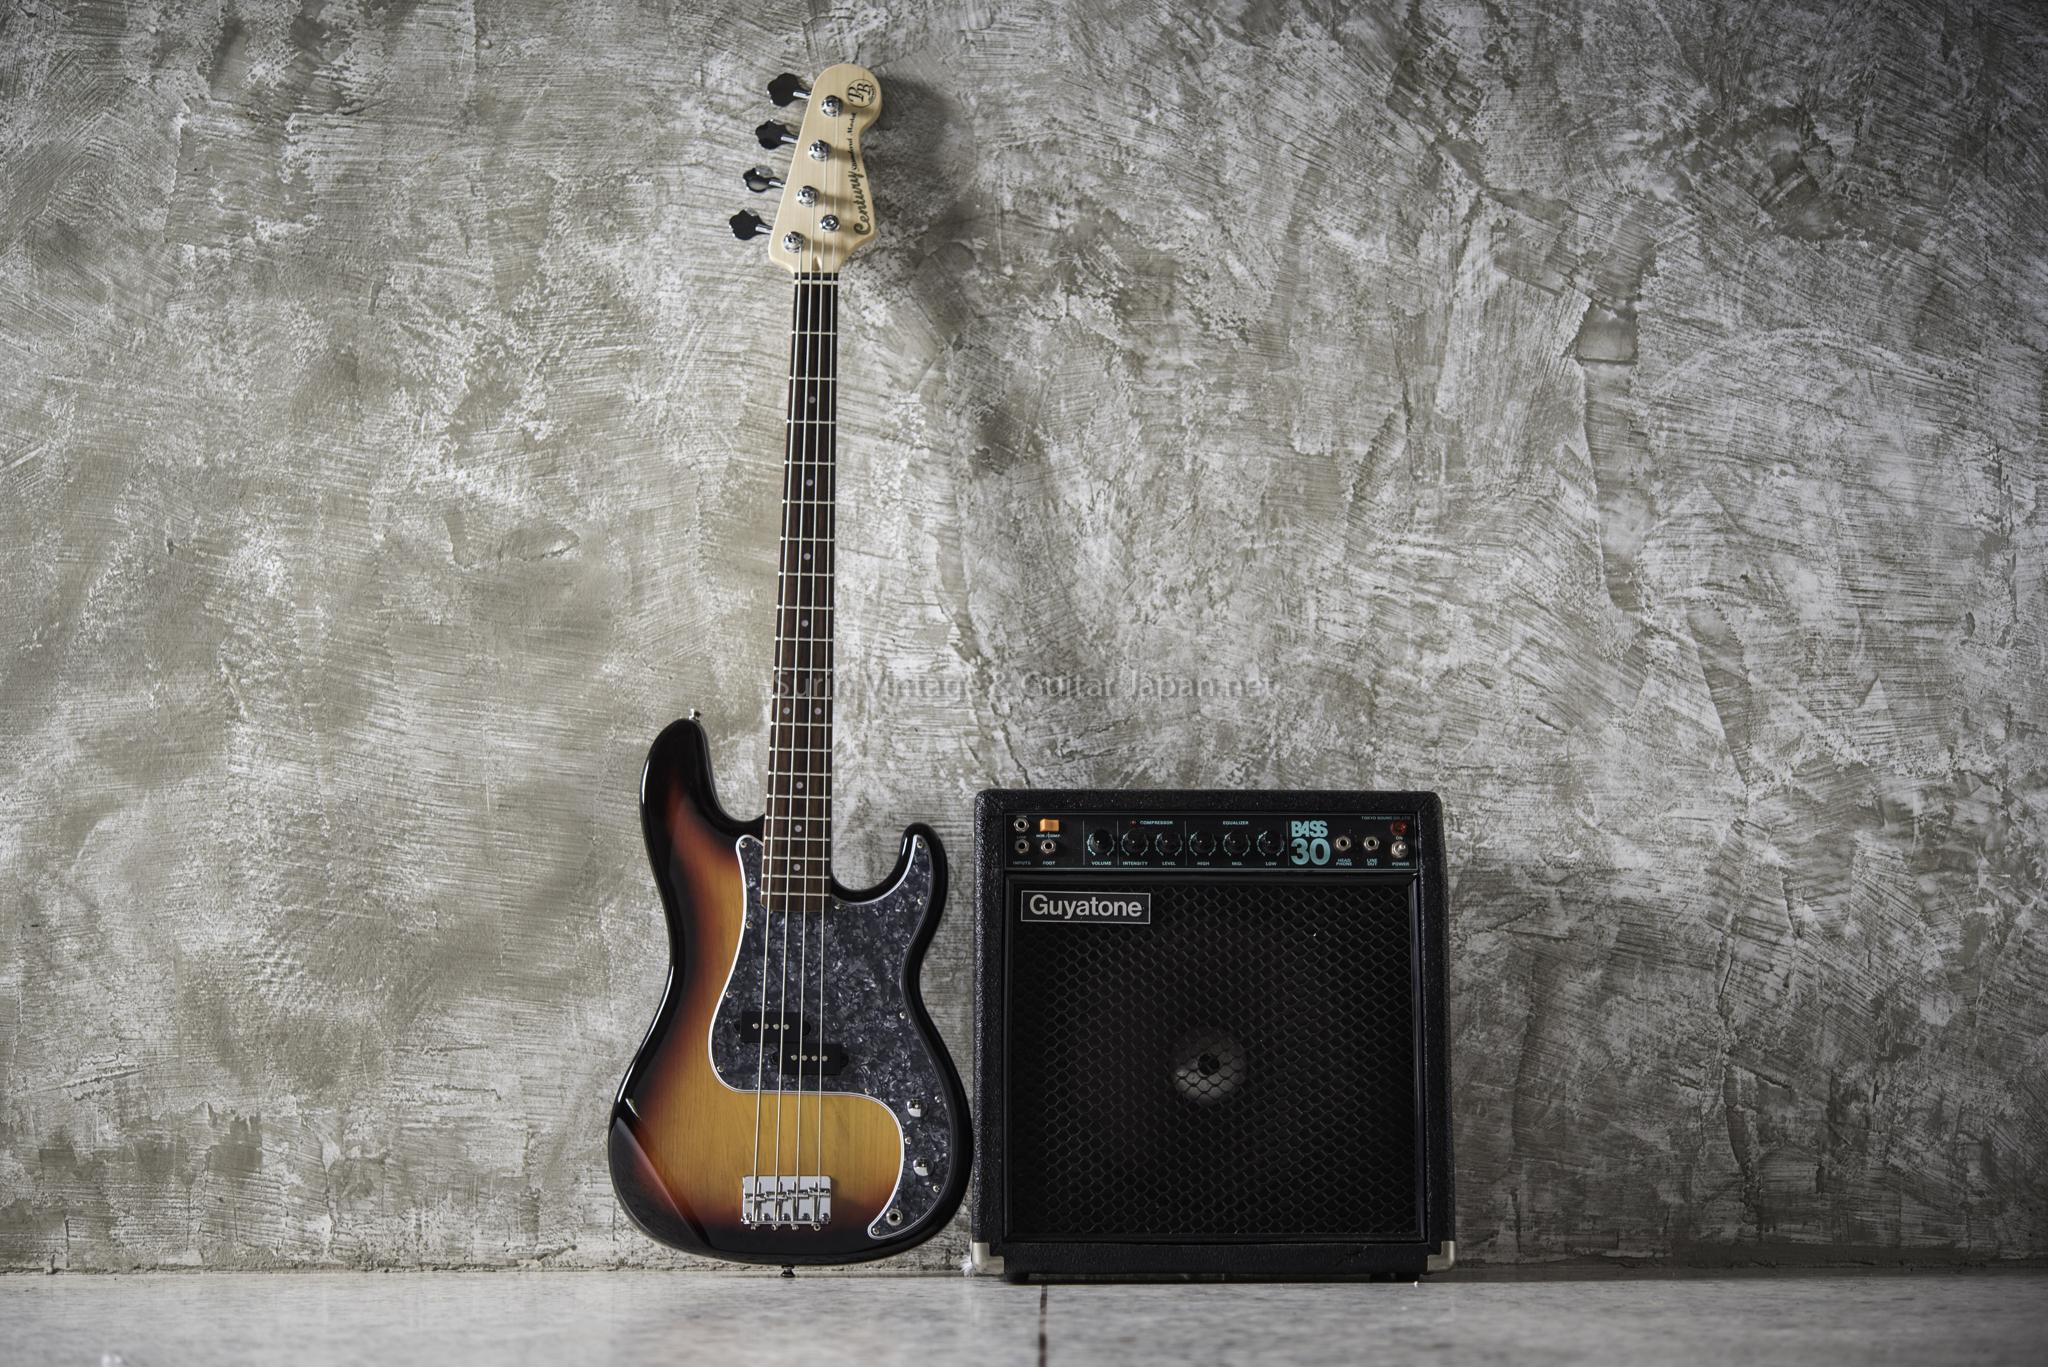 แอมป์เบสไฟฟ้ามือสอง GUYATONE Bass 30 No.3